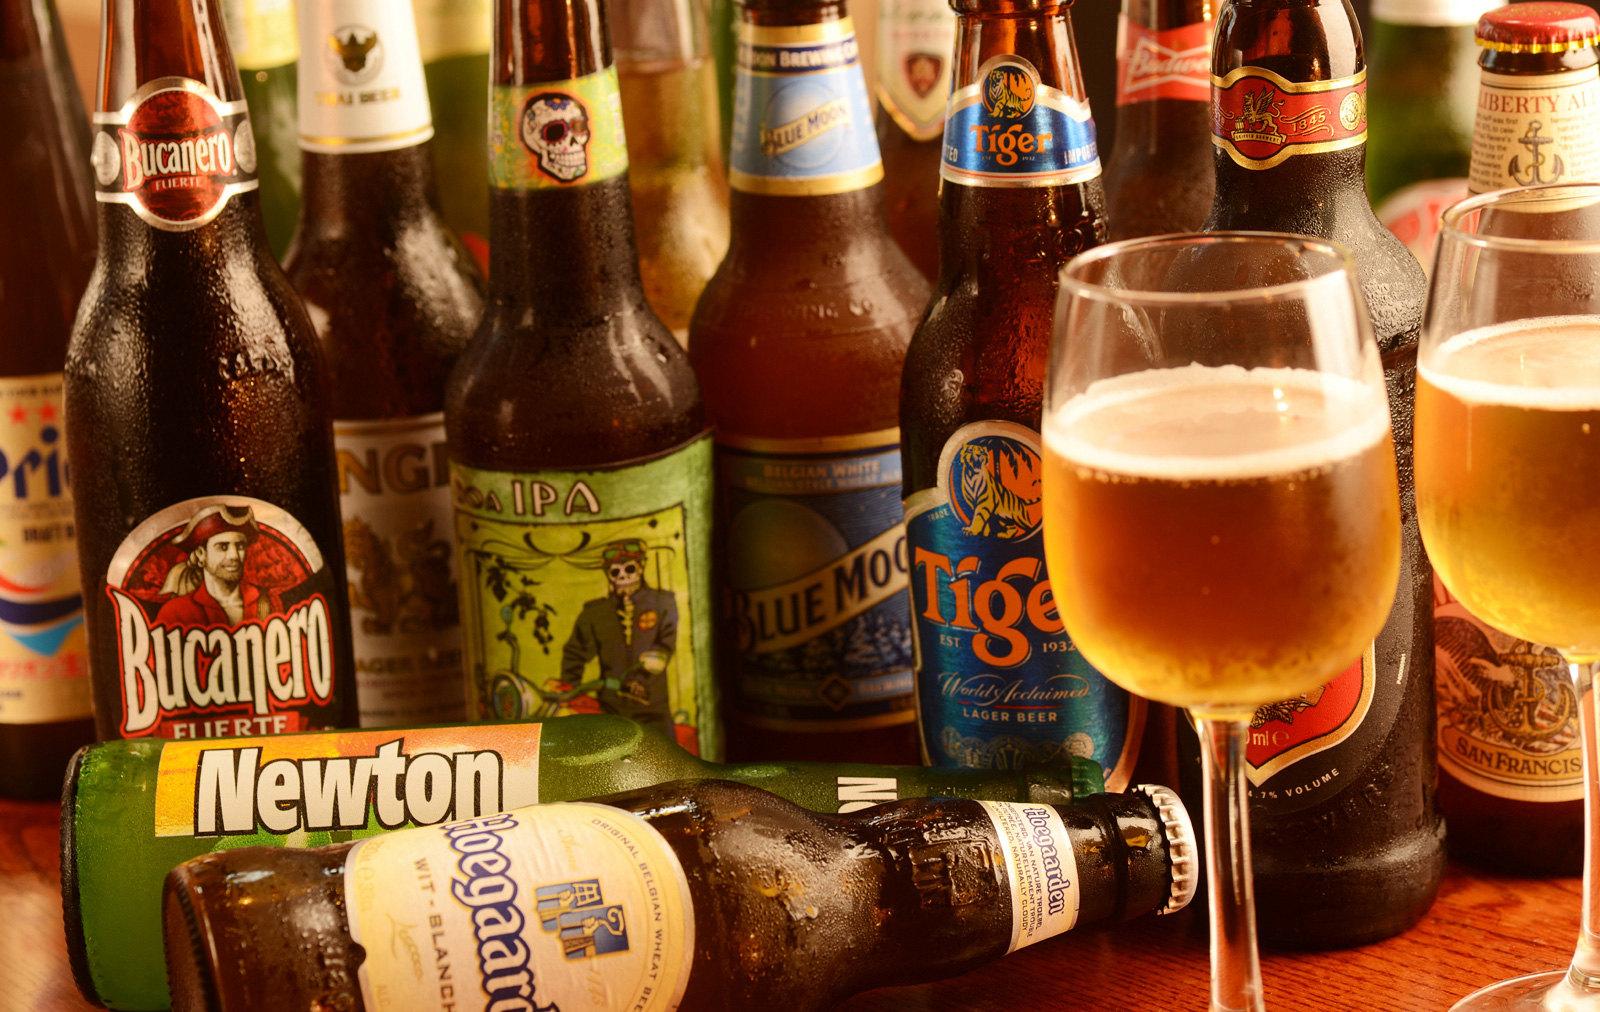 料理人たちも納得、こだわりビールの美味しいお店:東京編